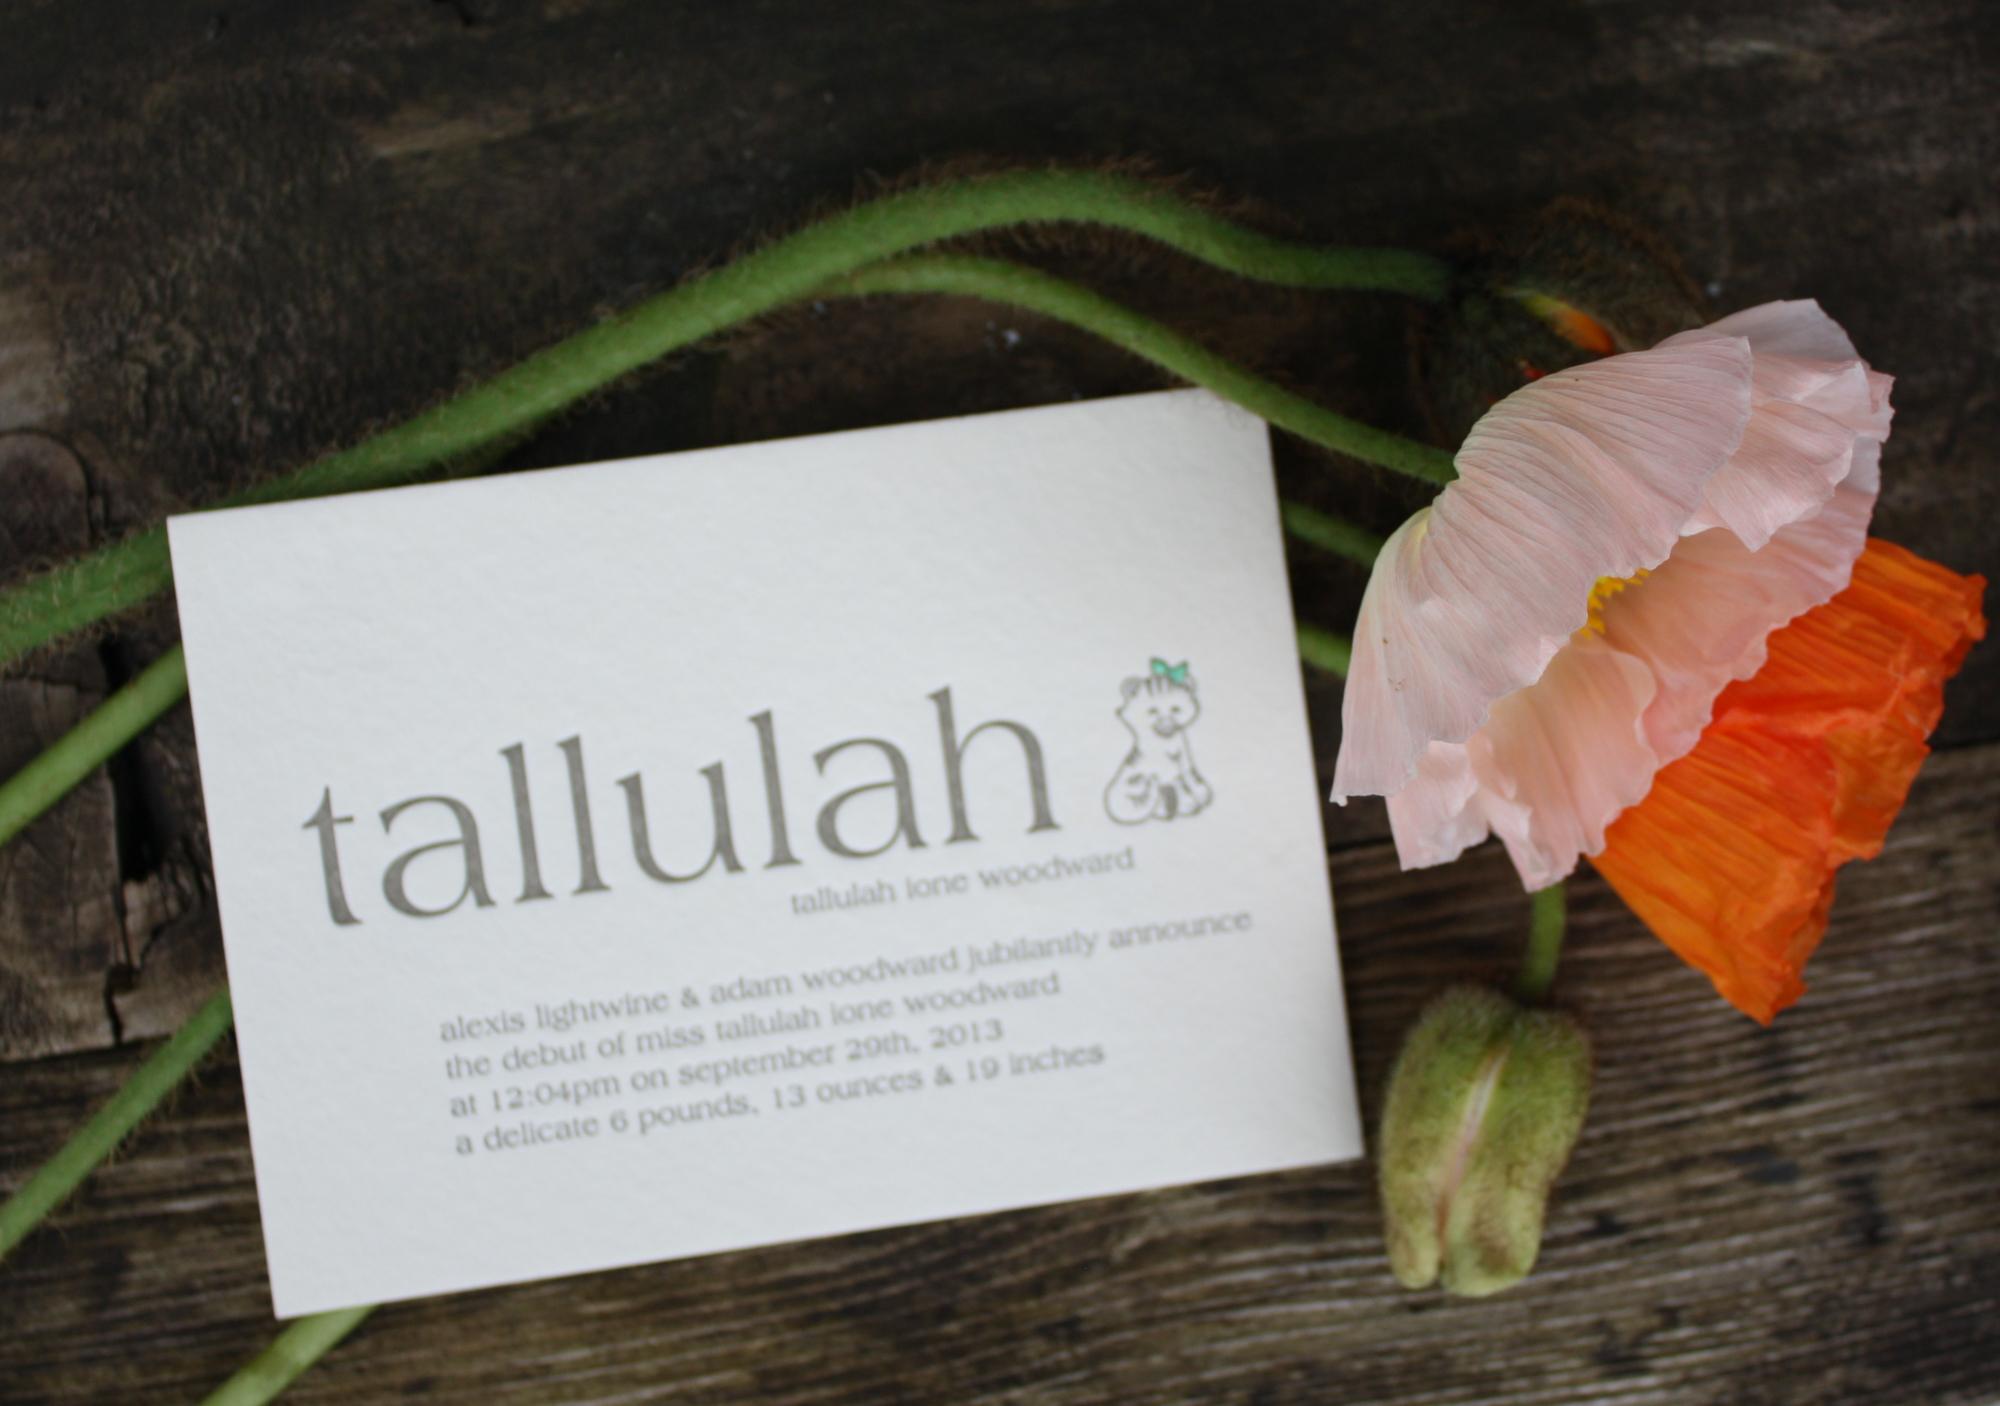 The Talluhah Announcement